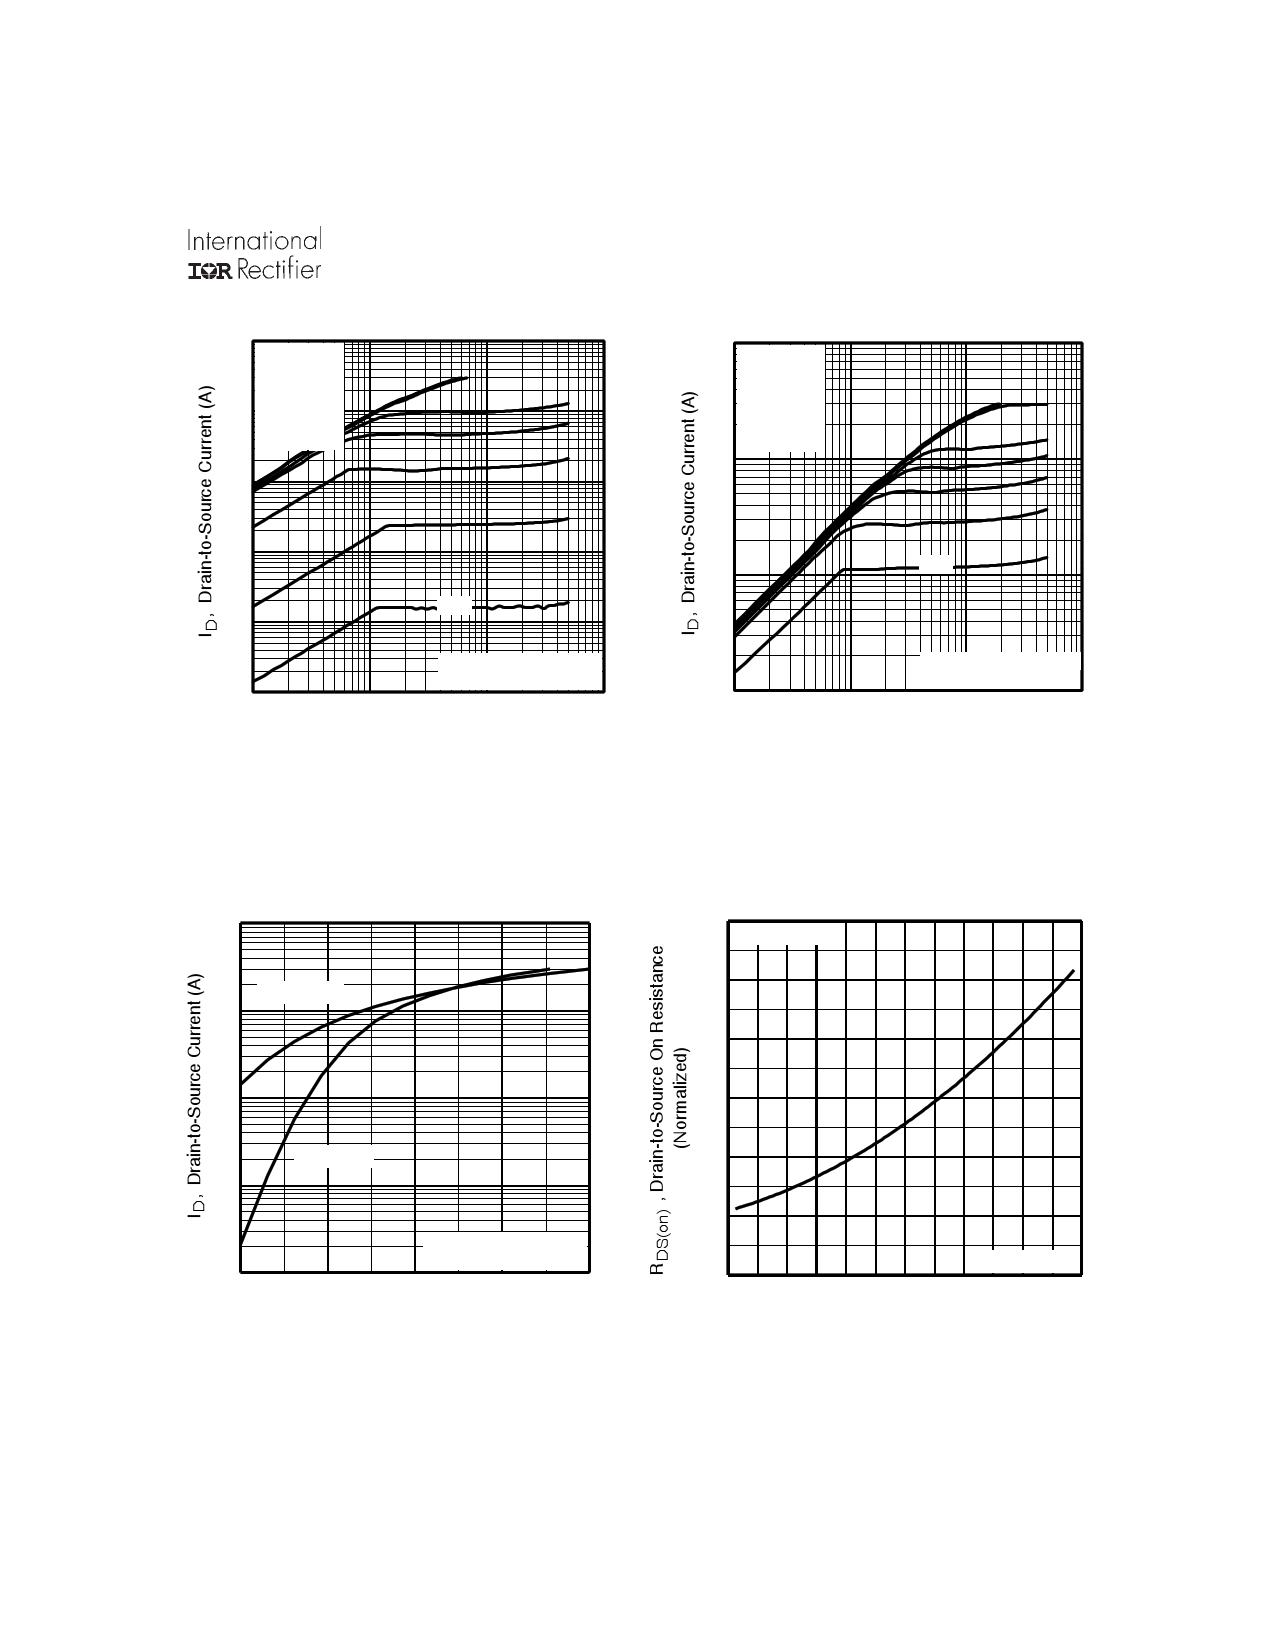 IRFB4710PbF pdf, ピン配列